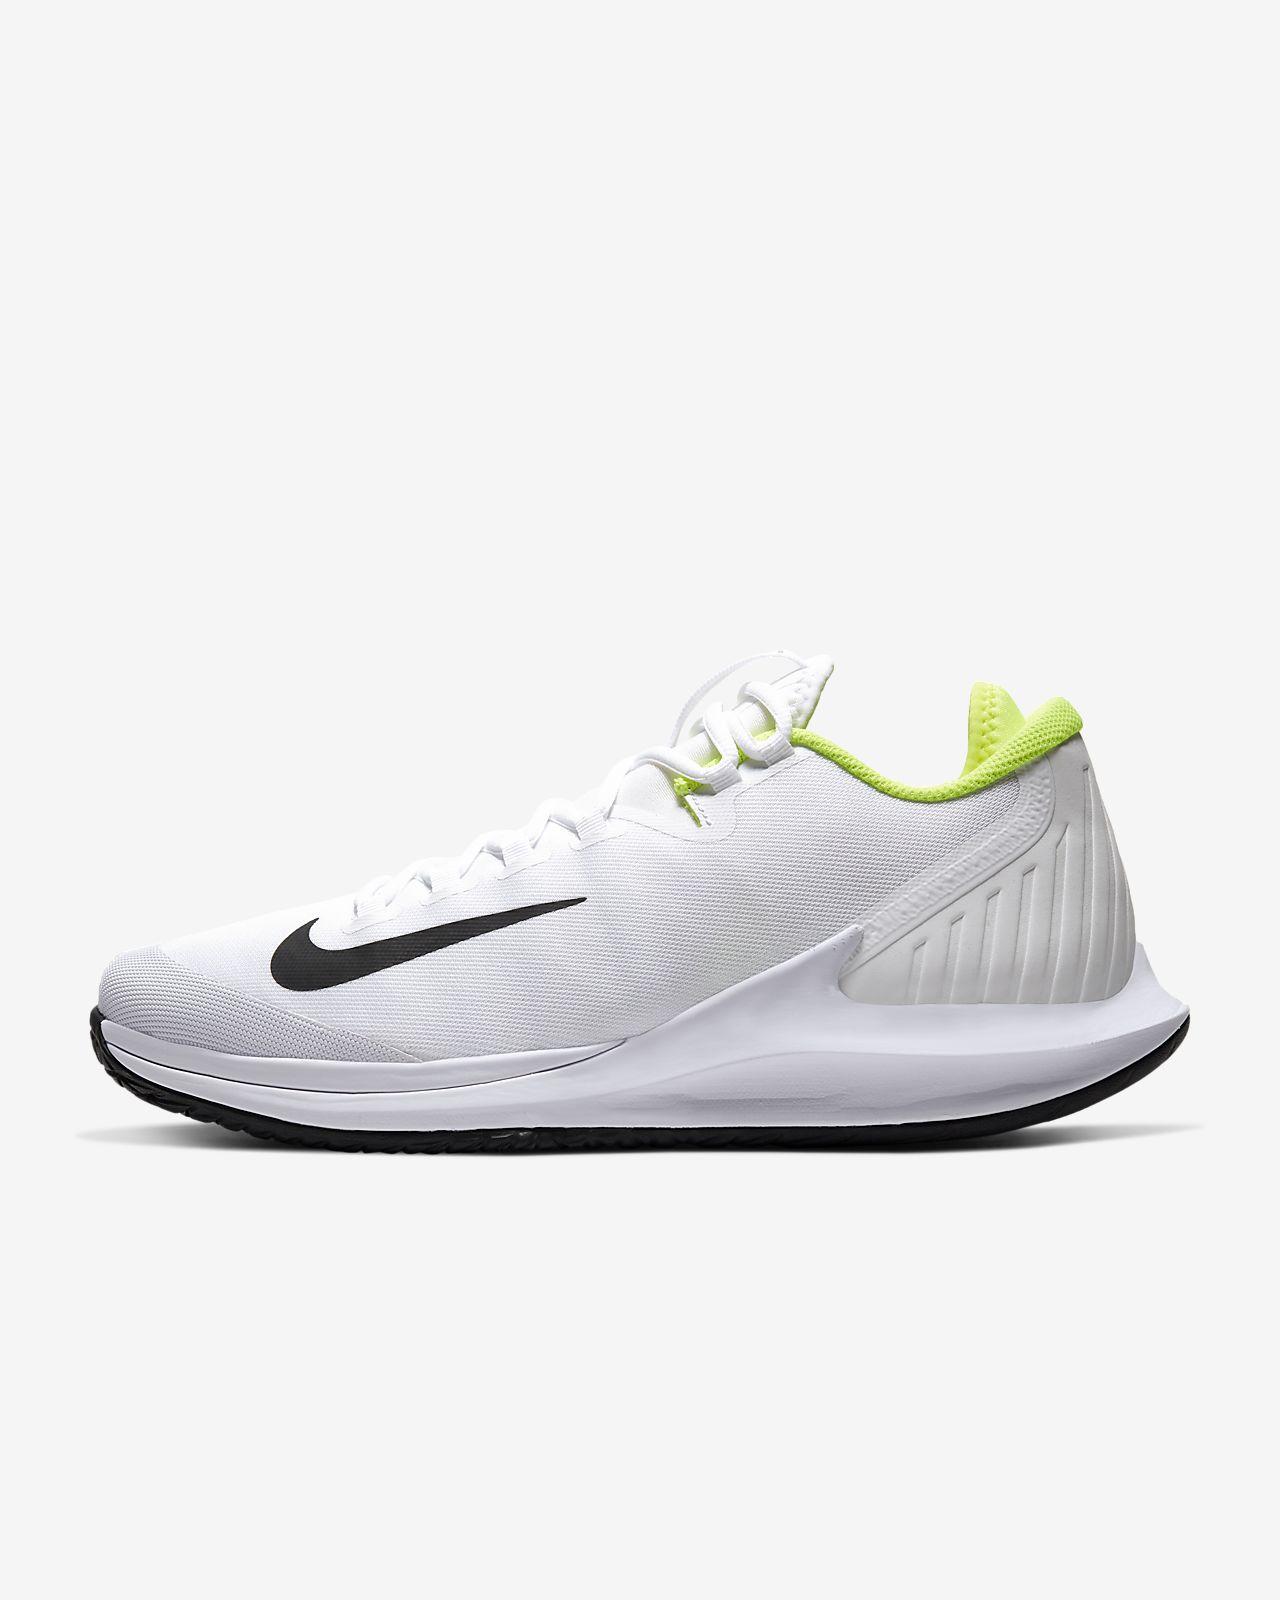 NikeCourt Air Zoom Zero Herren-Tennisschuh